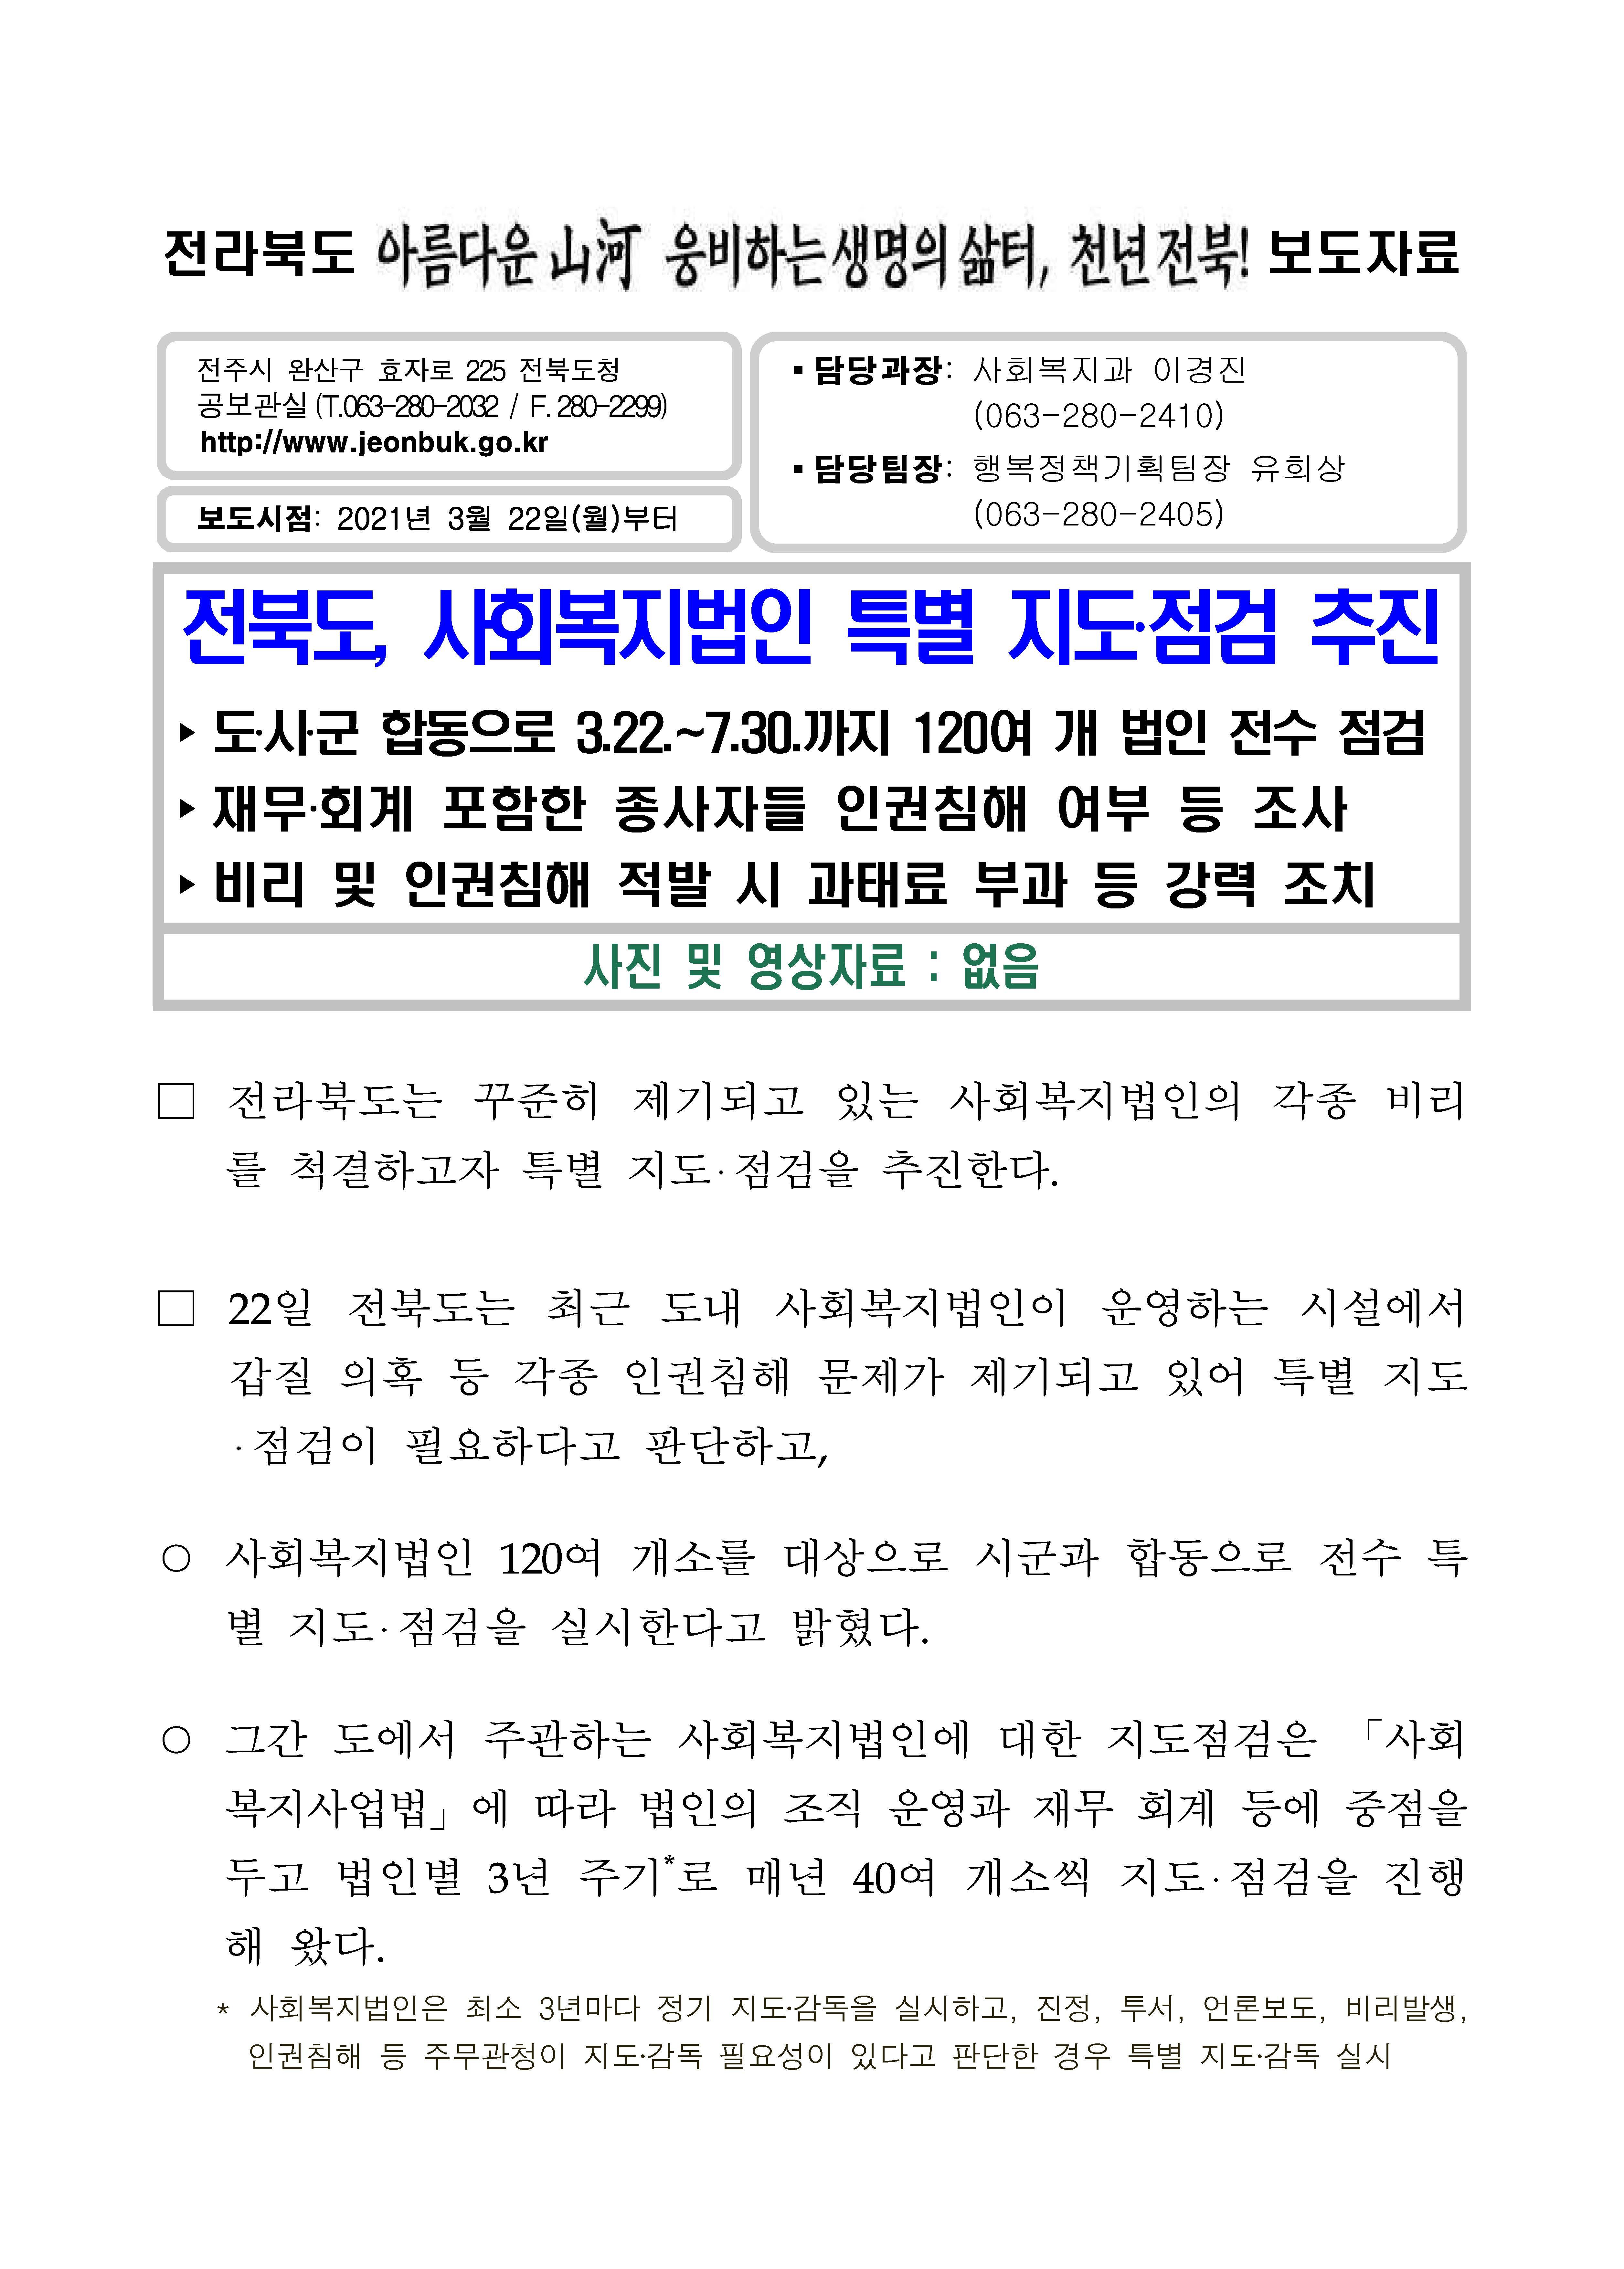 21.3.22_전북도 사회복지과 보도자료_사회복지법인 특별지도점검 추진_페이지_1.jpg